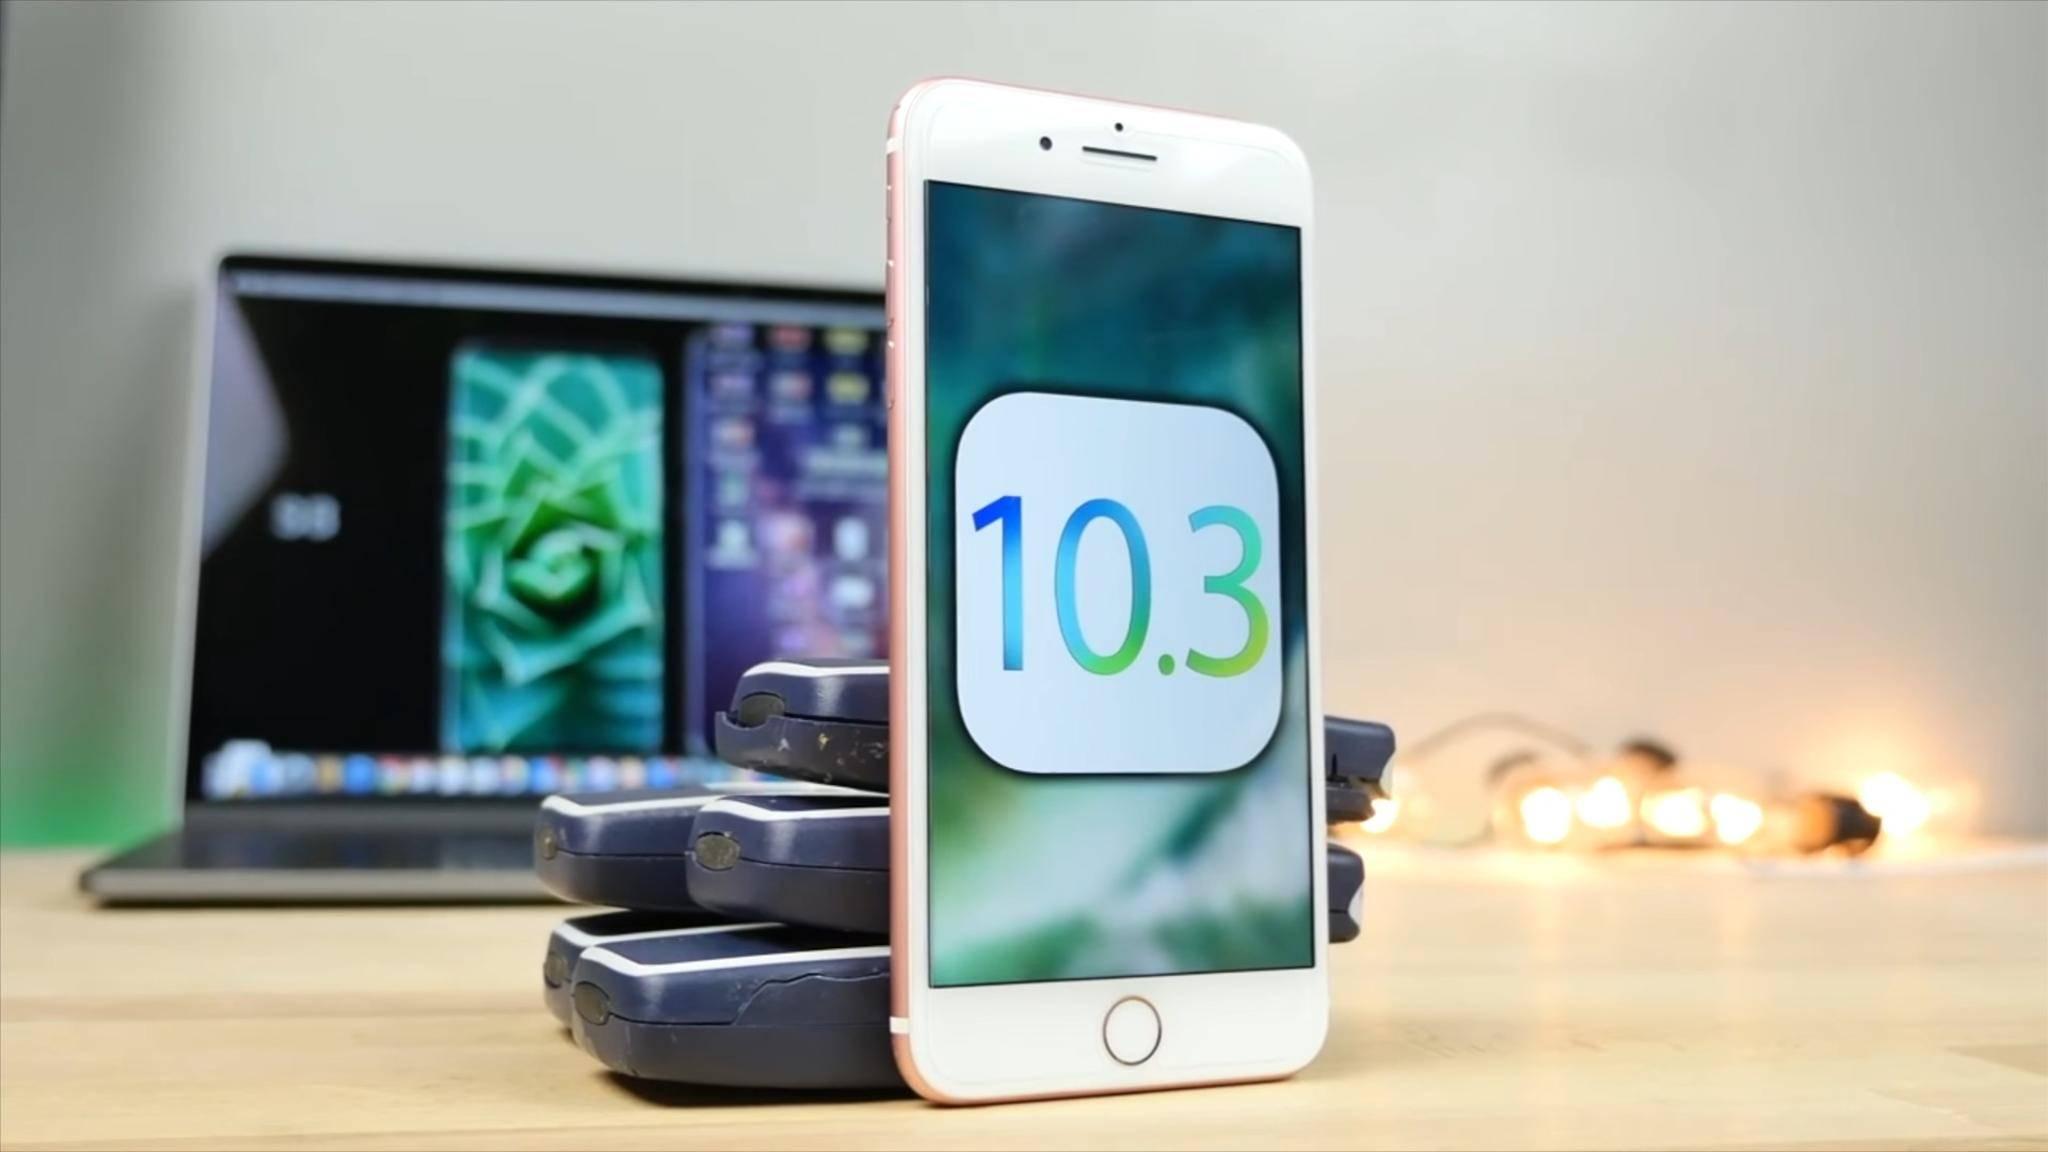 iPhone-Besitzer dürfen sich dank iOS 10.3 über einen massiven Speichergewinn freuen.